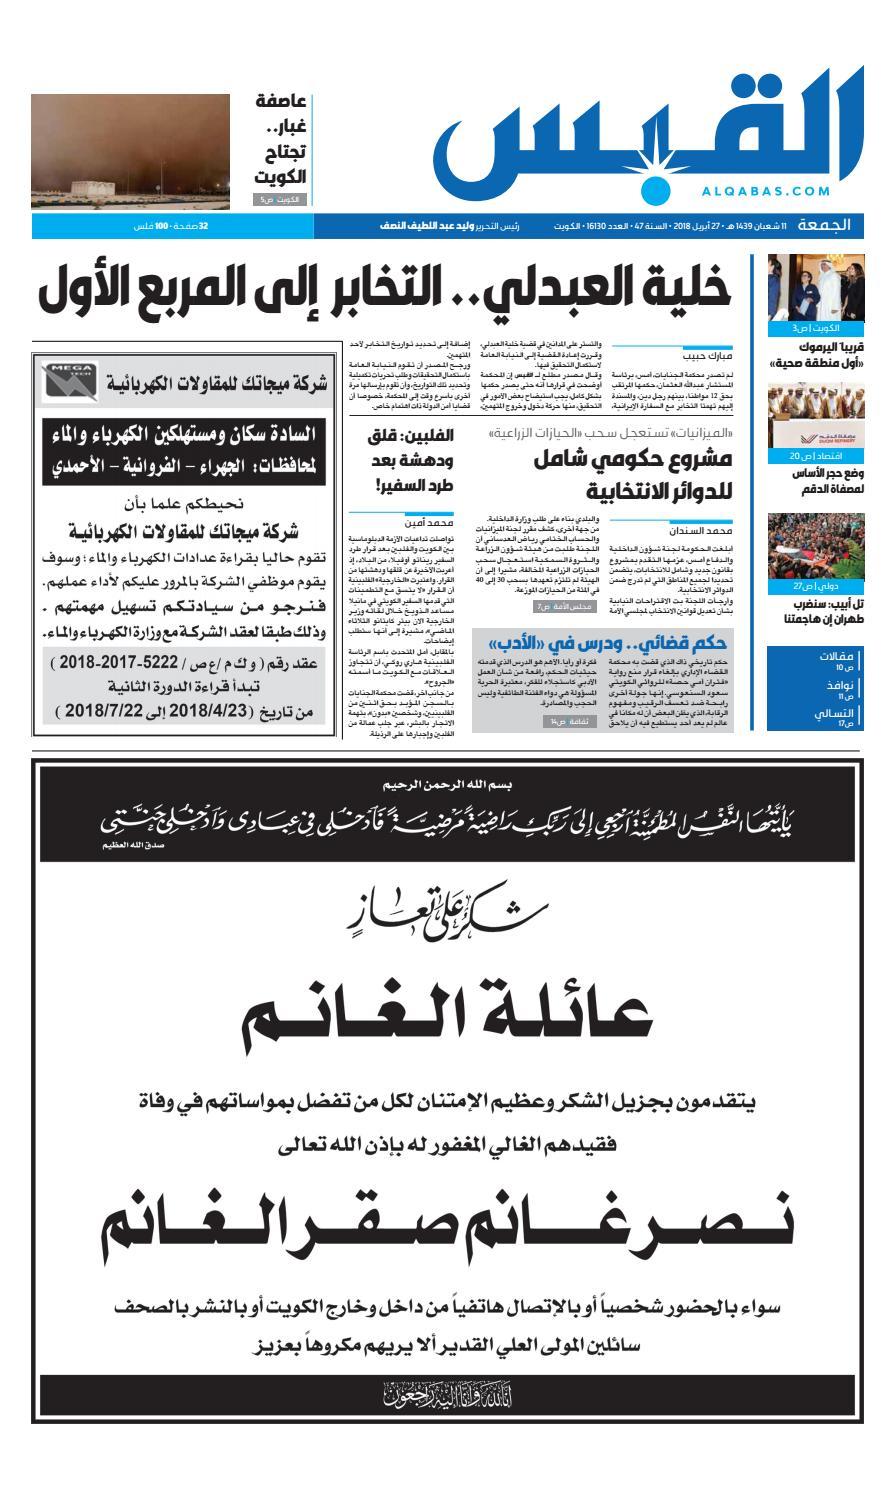 القبس عدد الجمعة 27 أبريل 2018 by AlQabas issuu #1: page 1